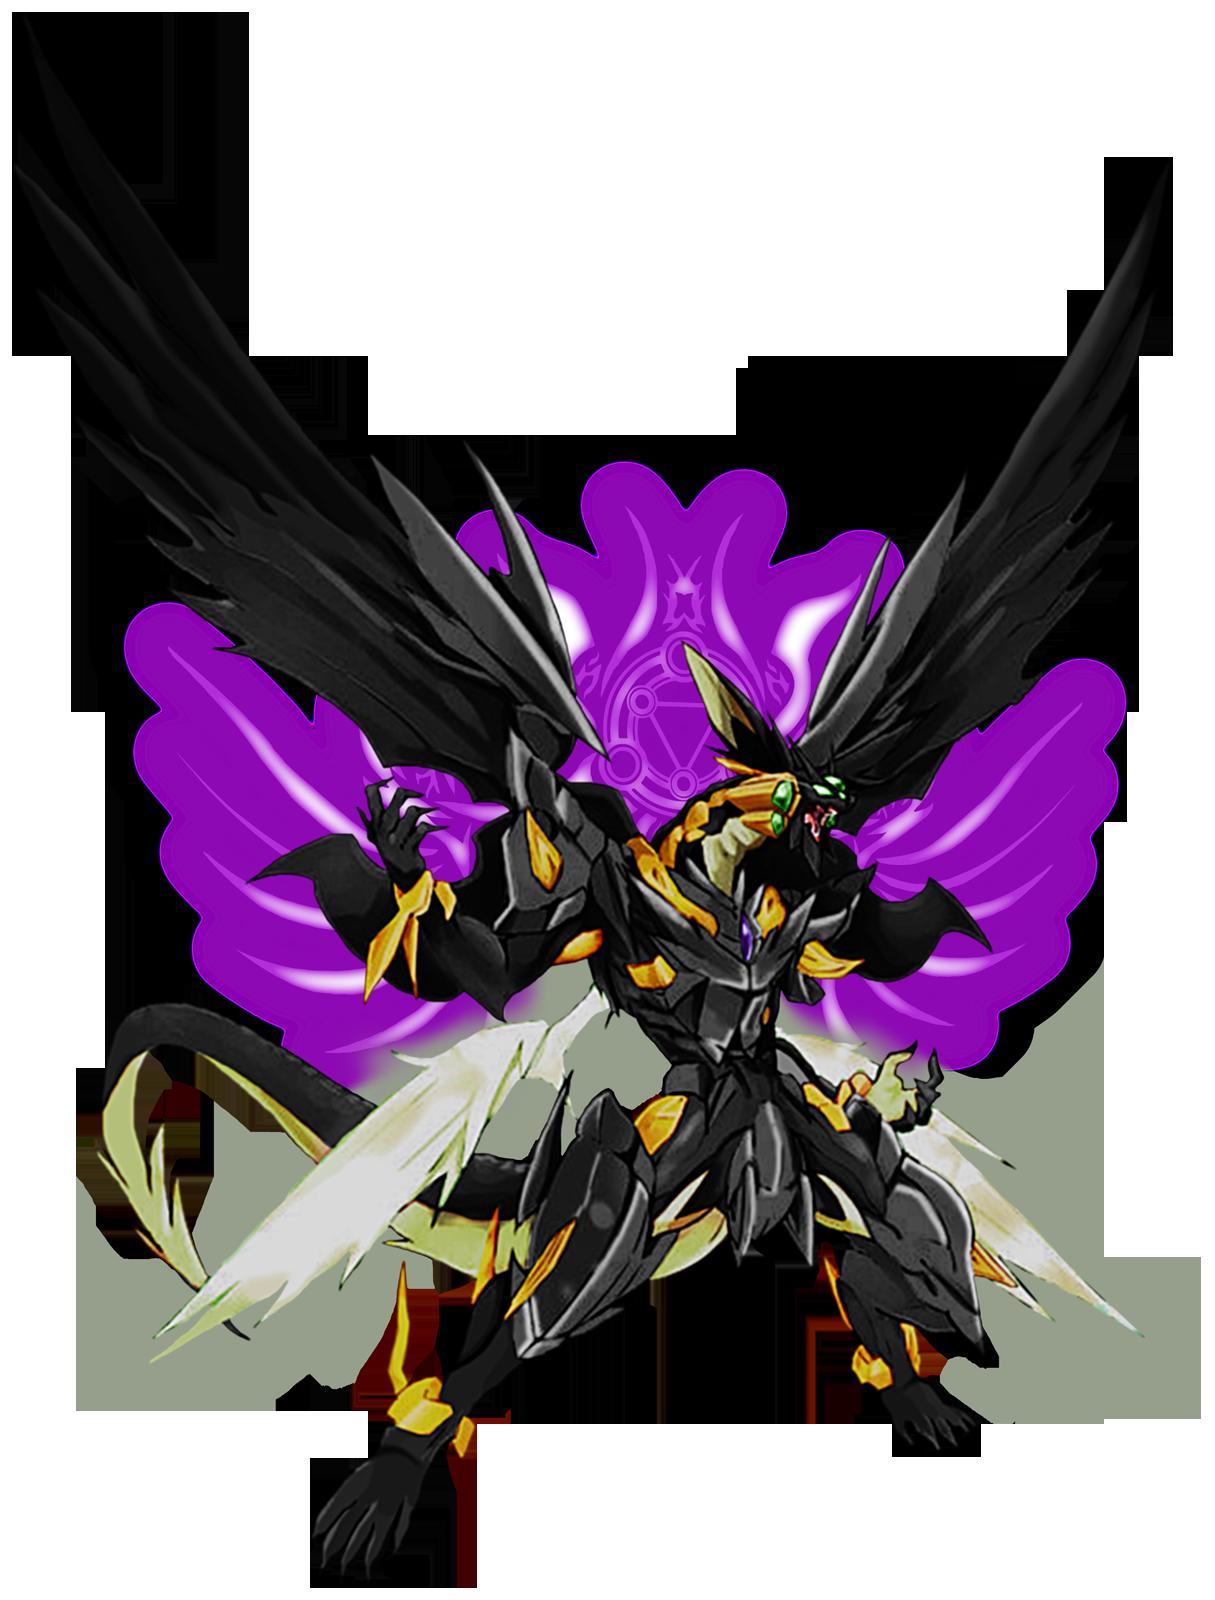 Darkwurm-Nova